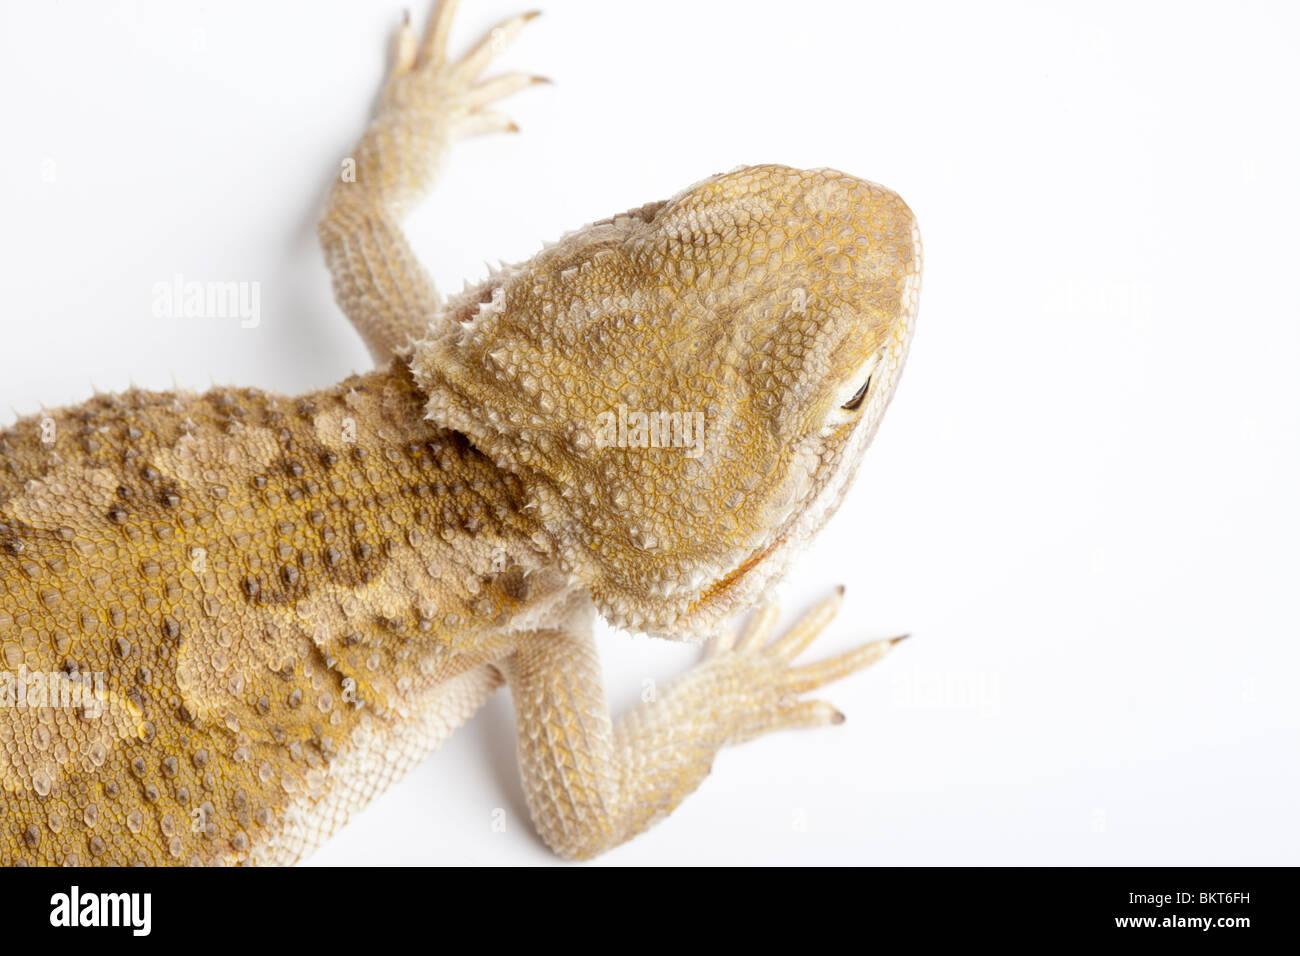 Rankin's dragon, Pogona henrylawsoni, - Stock Image